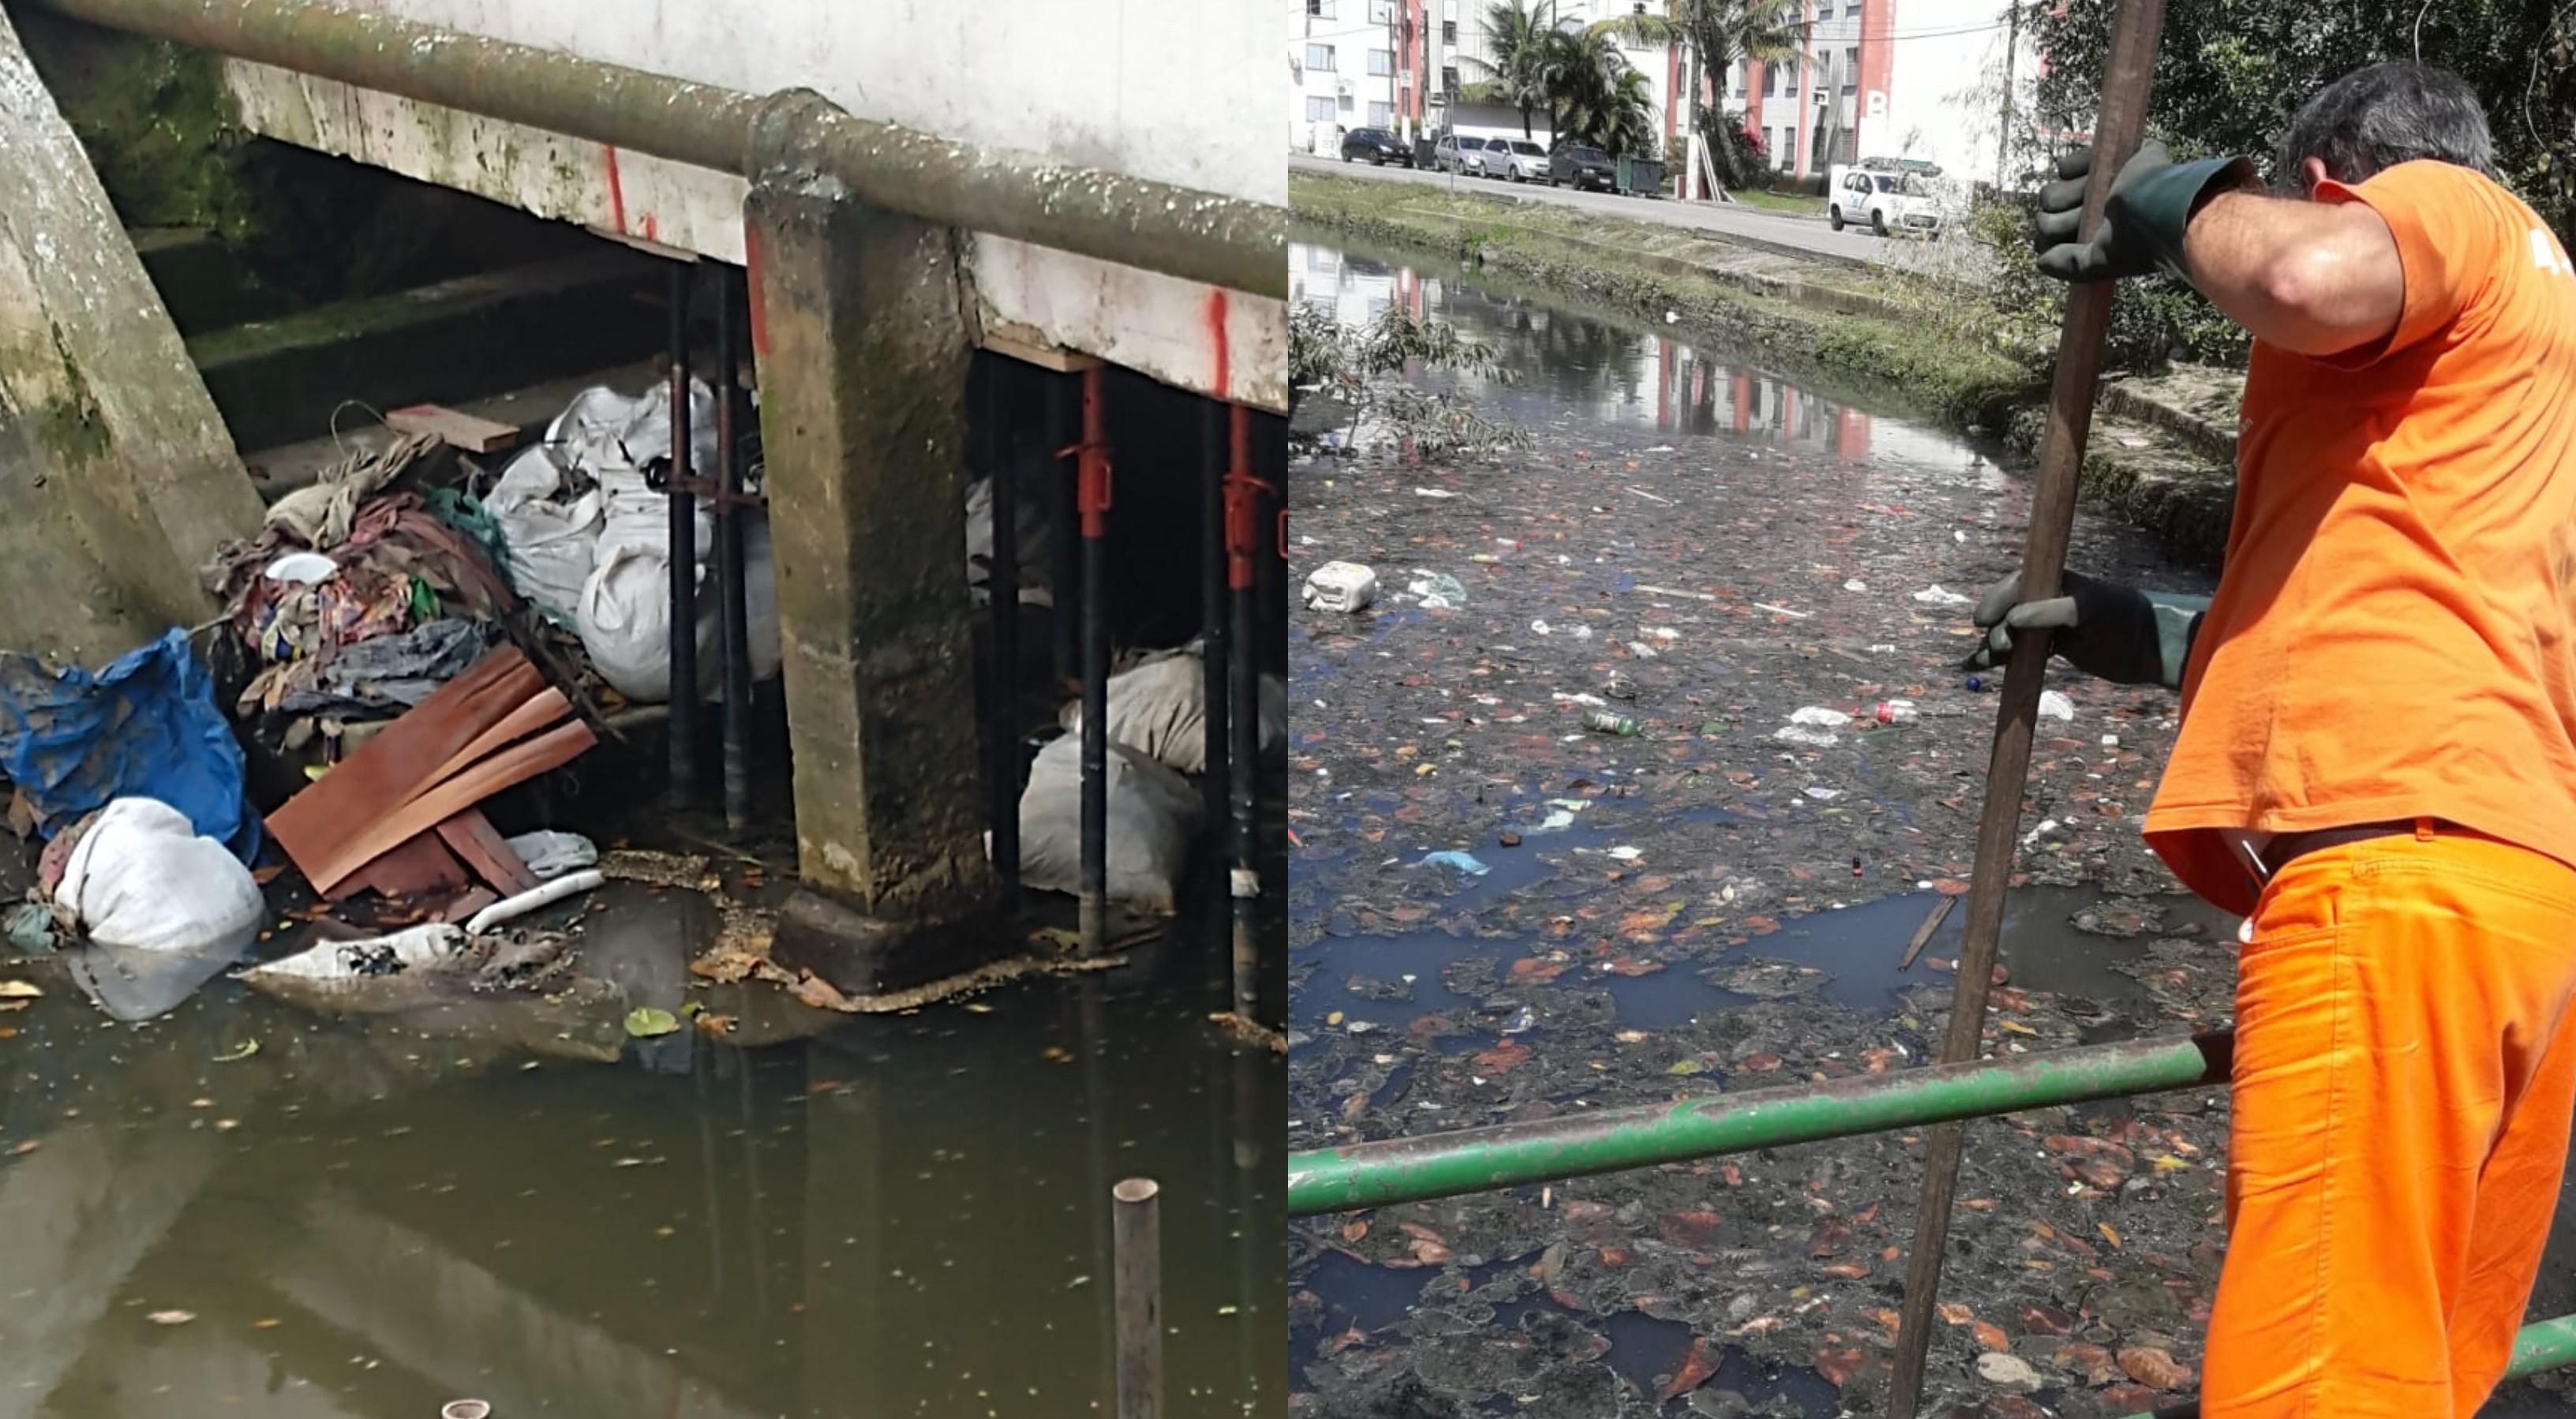 Prefeitura de Santos alerta para quantidade de lixo irregular recolhido diariamente